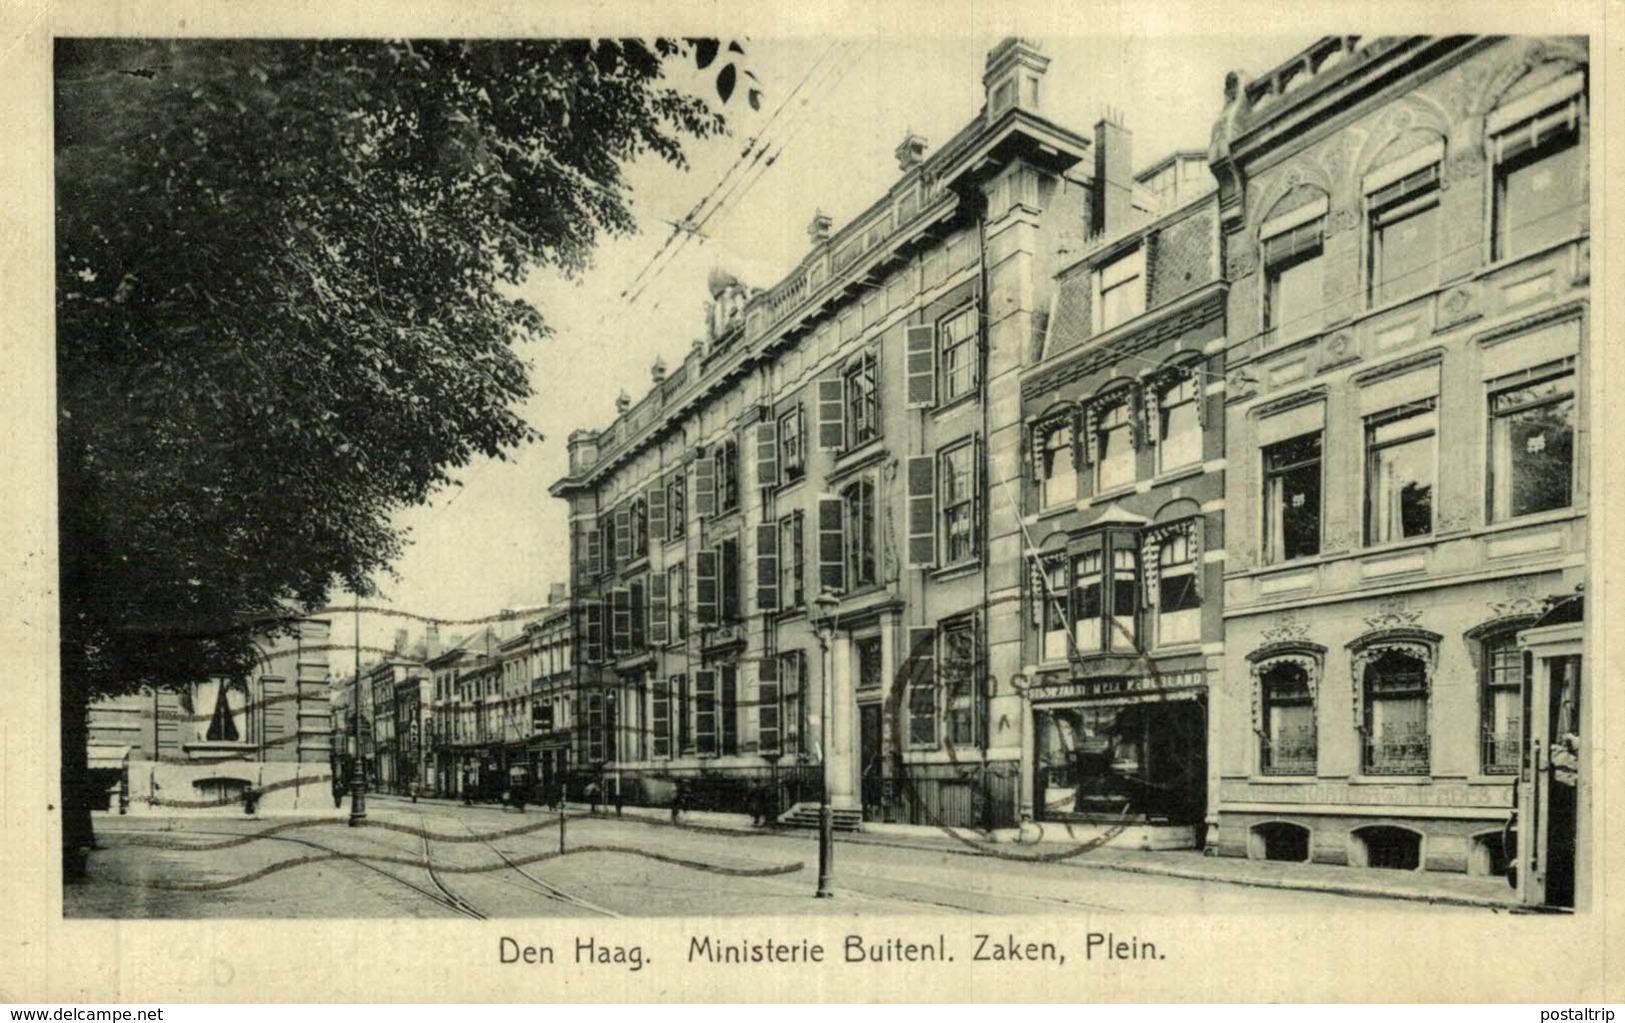 DEN HAAG MINISTERIE BUITENL. ZAKEN PLEIN - Den Haag ('s-Gravenhage)